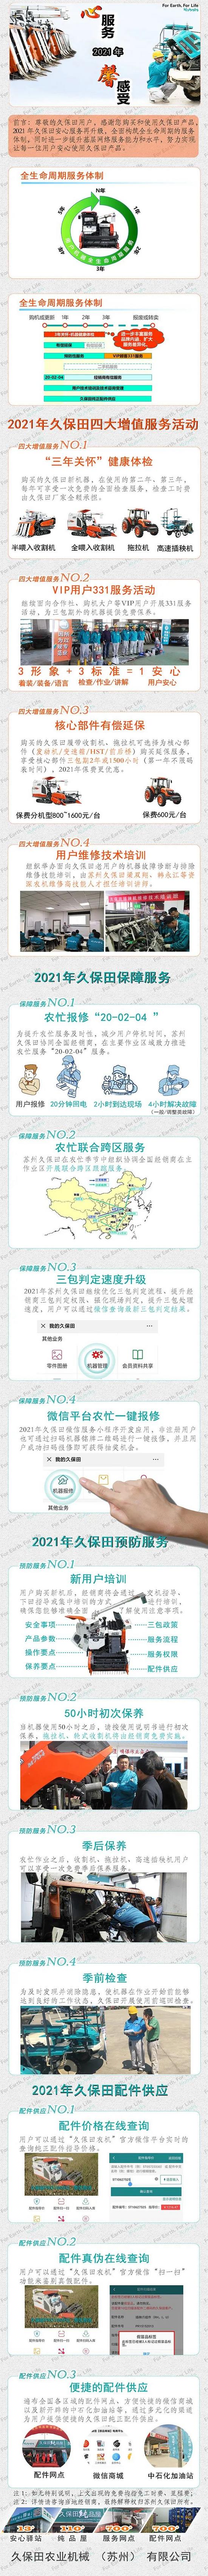 """""""心"""" 服務,""""馨"""" 感受,2021年久保田安心服務再升級"""